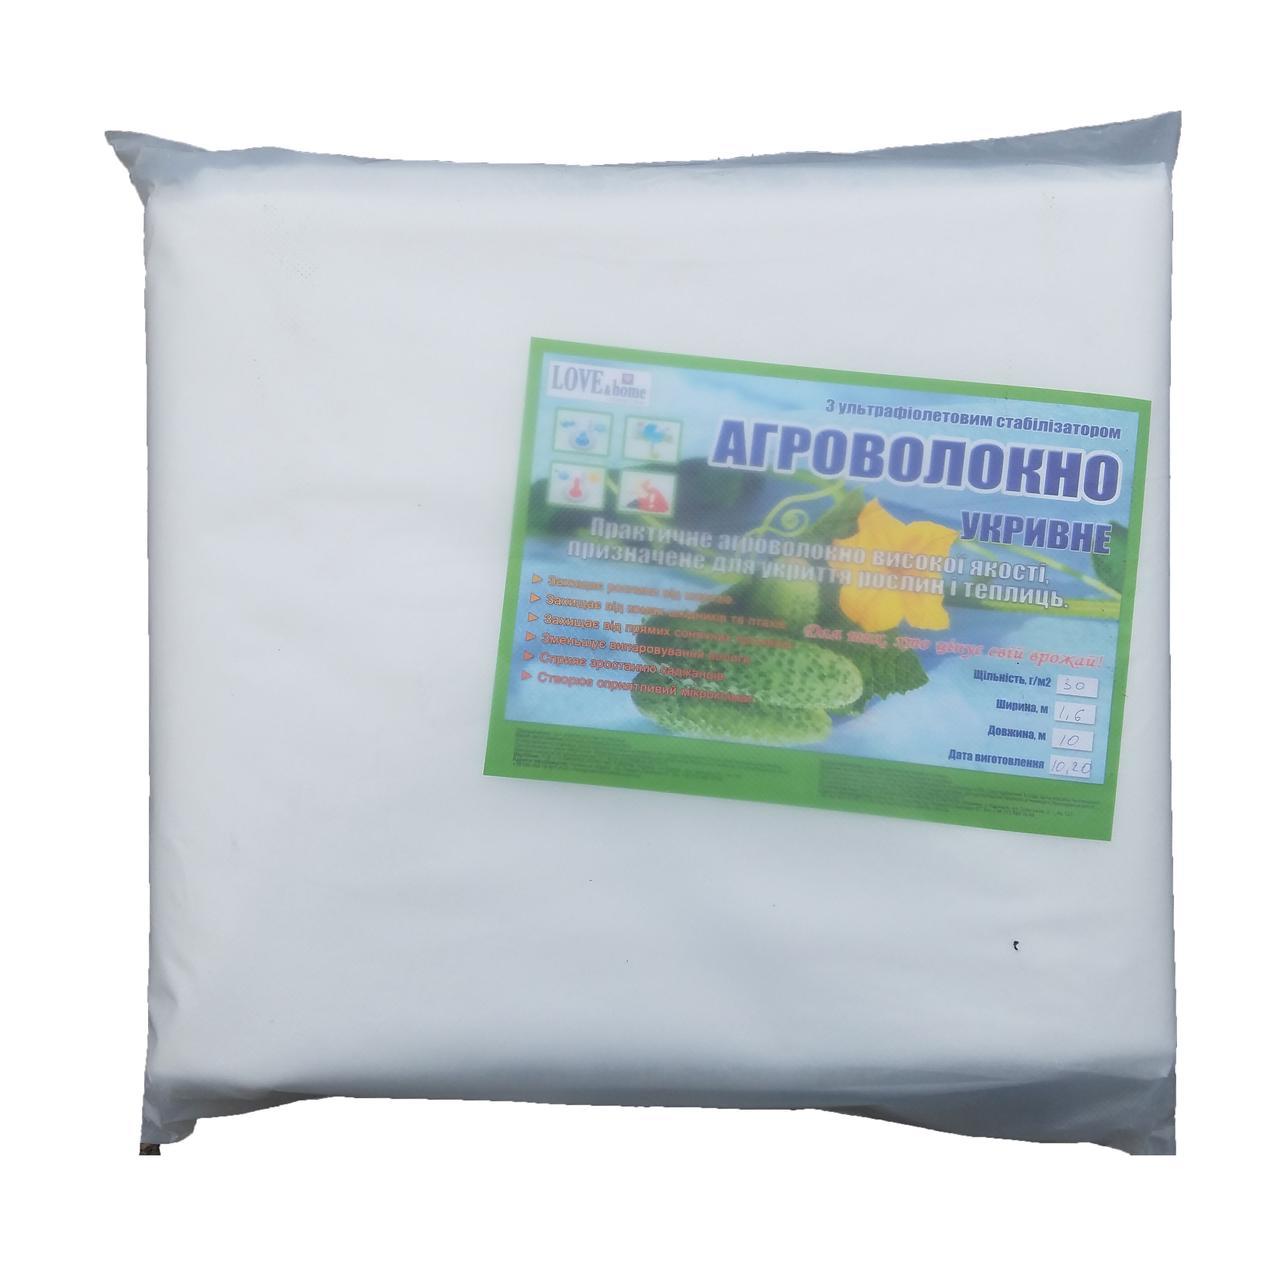 Агроволокно (Агро спанбонд) белое 19г/м2, 1.6х10.0 м